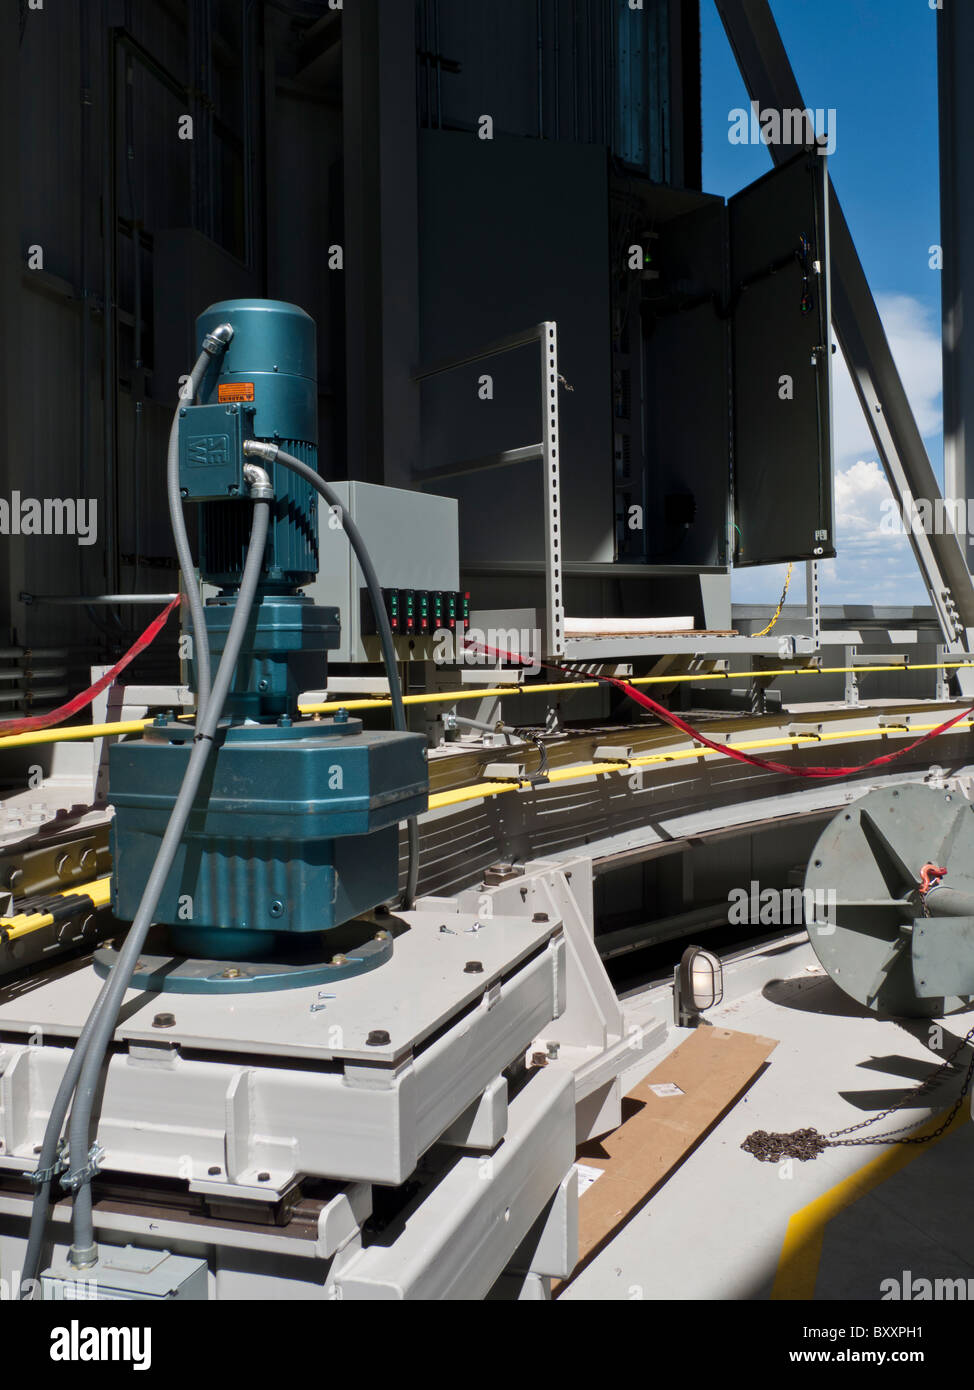 Découvrez le moteur de la coupole du télescope de canal près de Flagstaff, Arizona Photo Stock